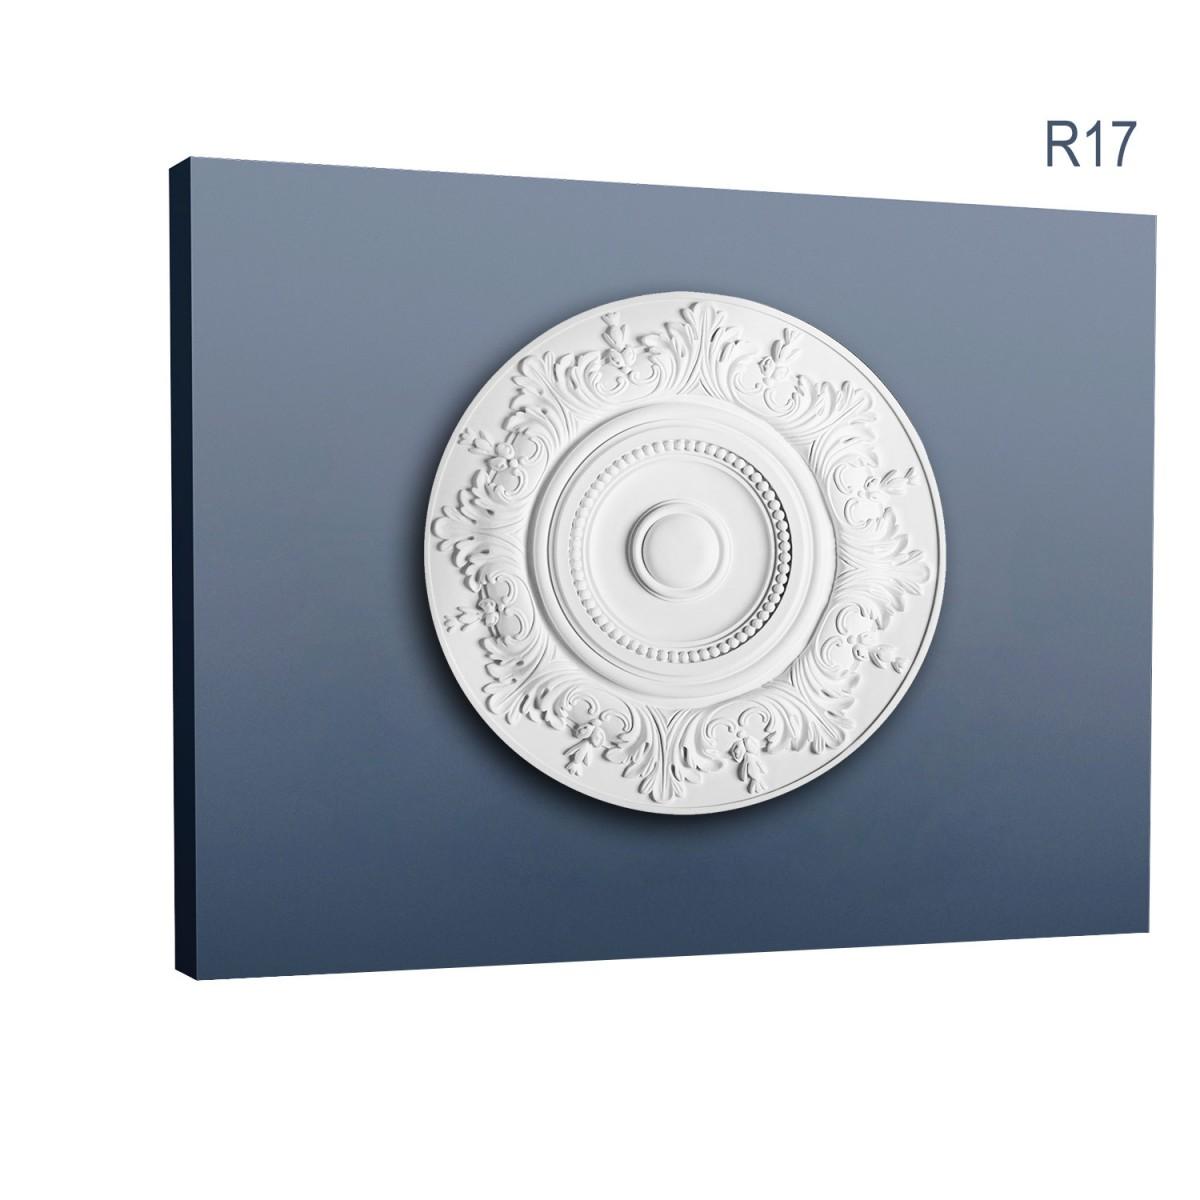 Rozeta Luxxus R17, Dimensiuni: diam. 47 cm (H: 3,5 cm), Orac Decor